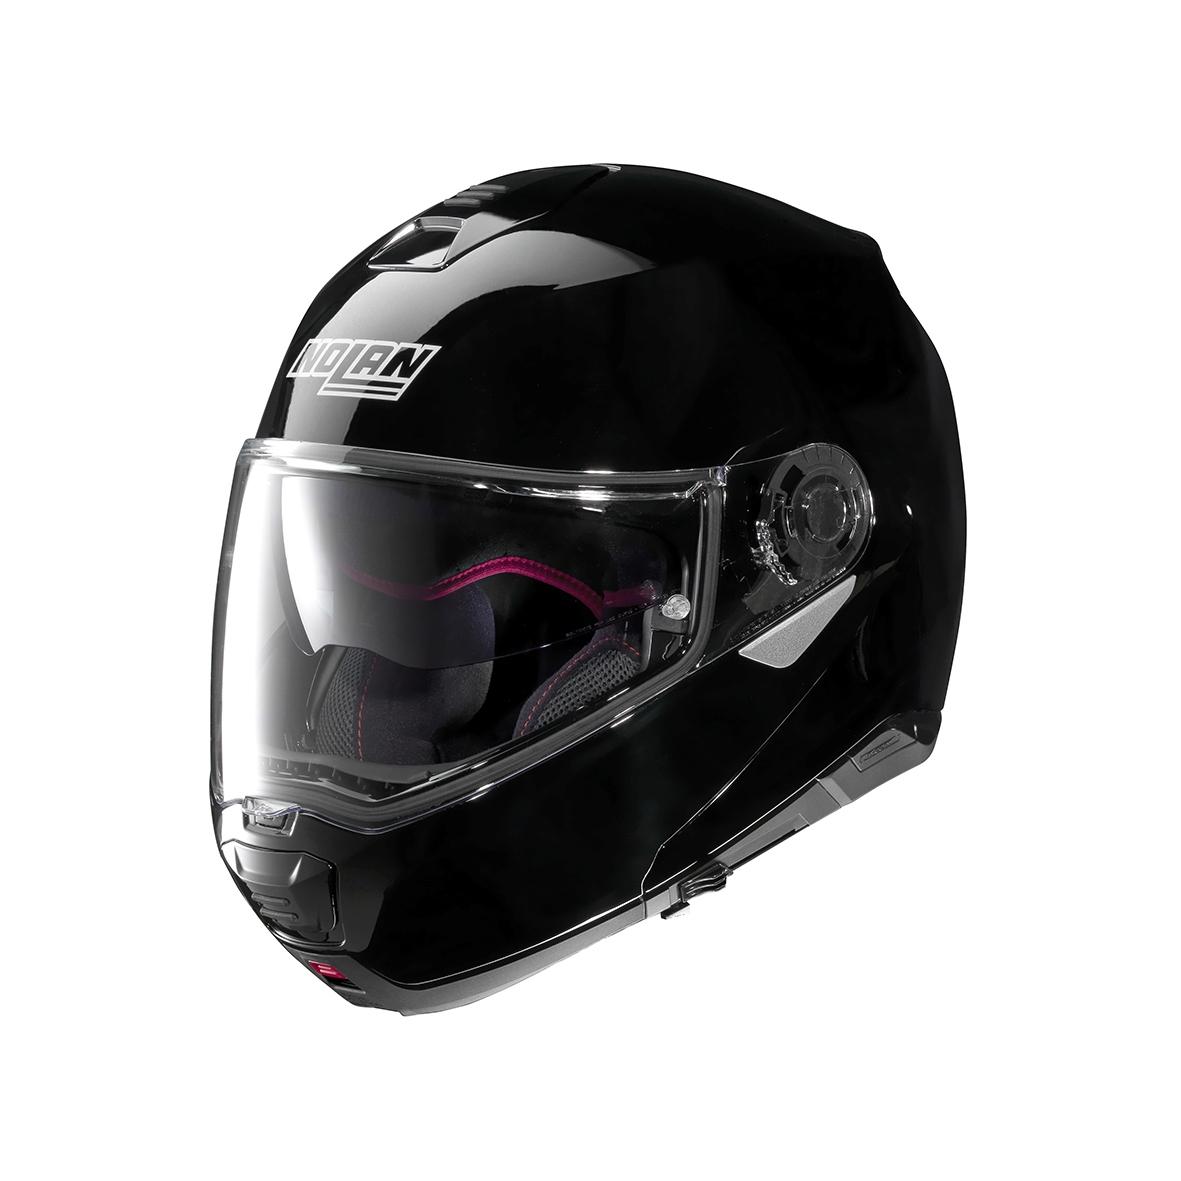 Moto helma Nolan N100-5 Classic N-Com Glossy Black 3